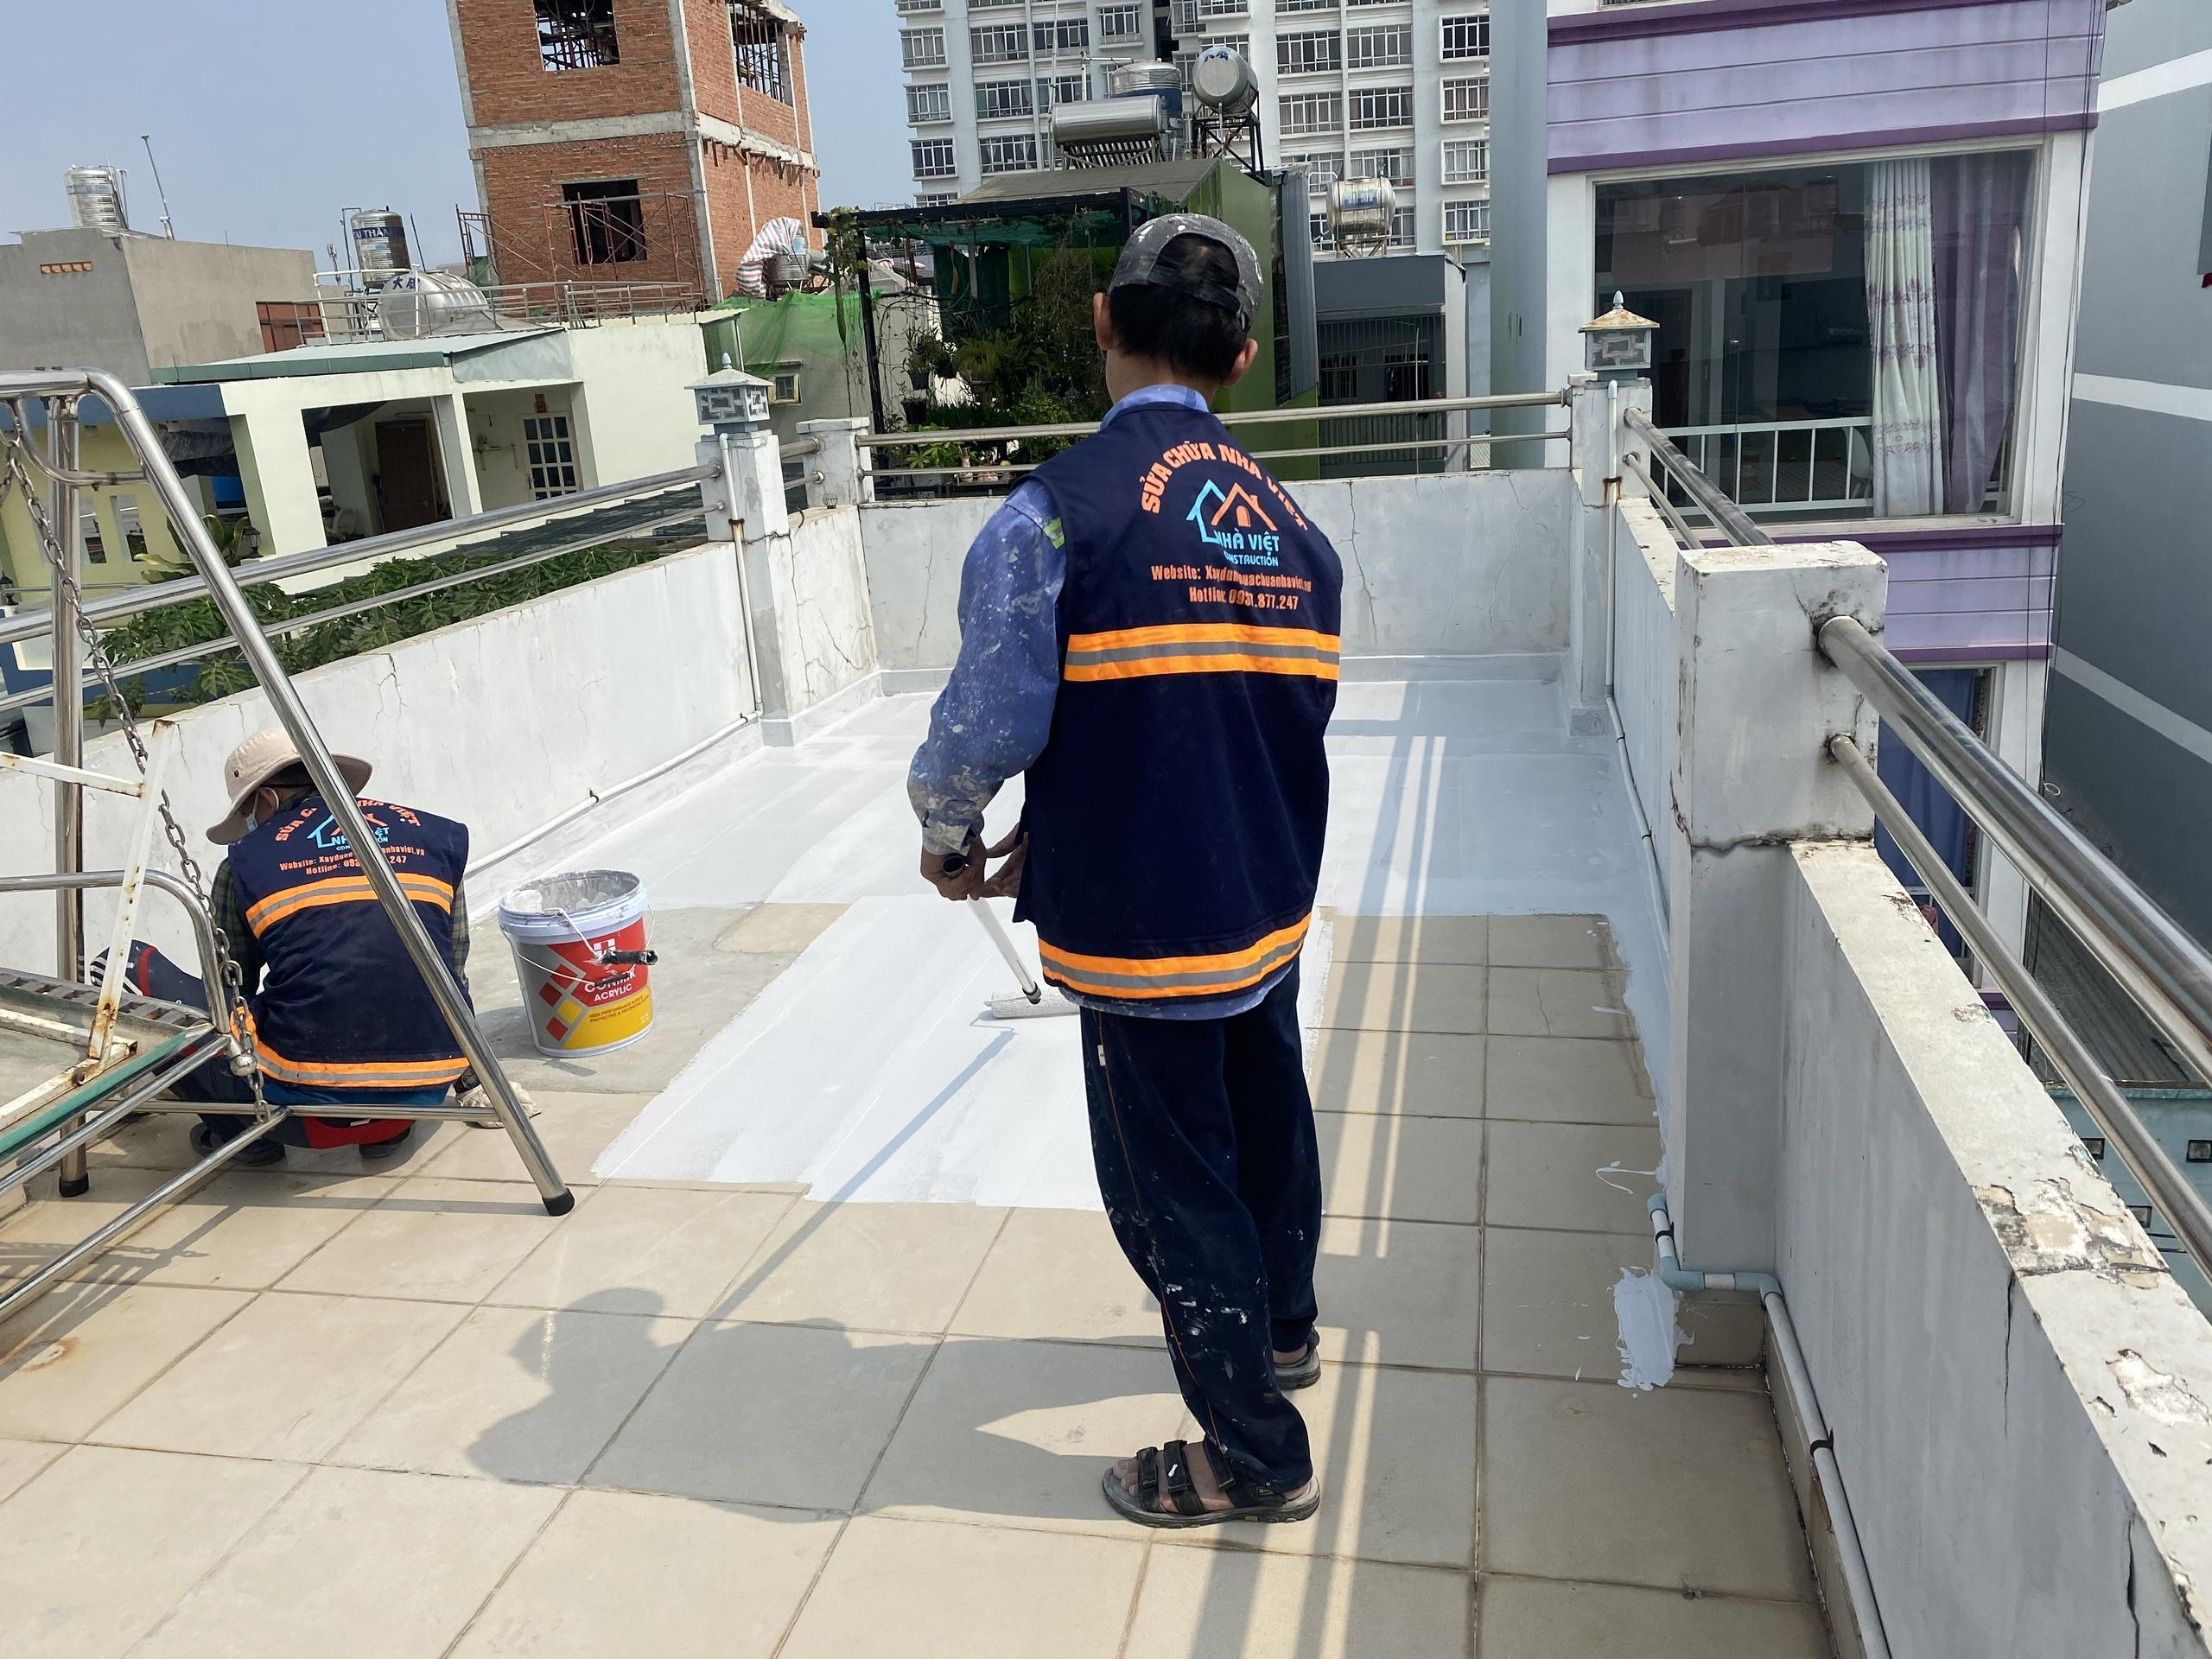 vat lieu chong tham san thuong 8 - 5 Vật liệu chống thấm sân thượng tốt nhất đảm bảo chất lượng hiện nay